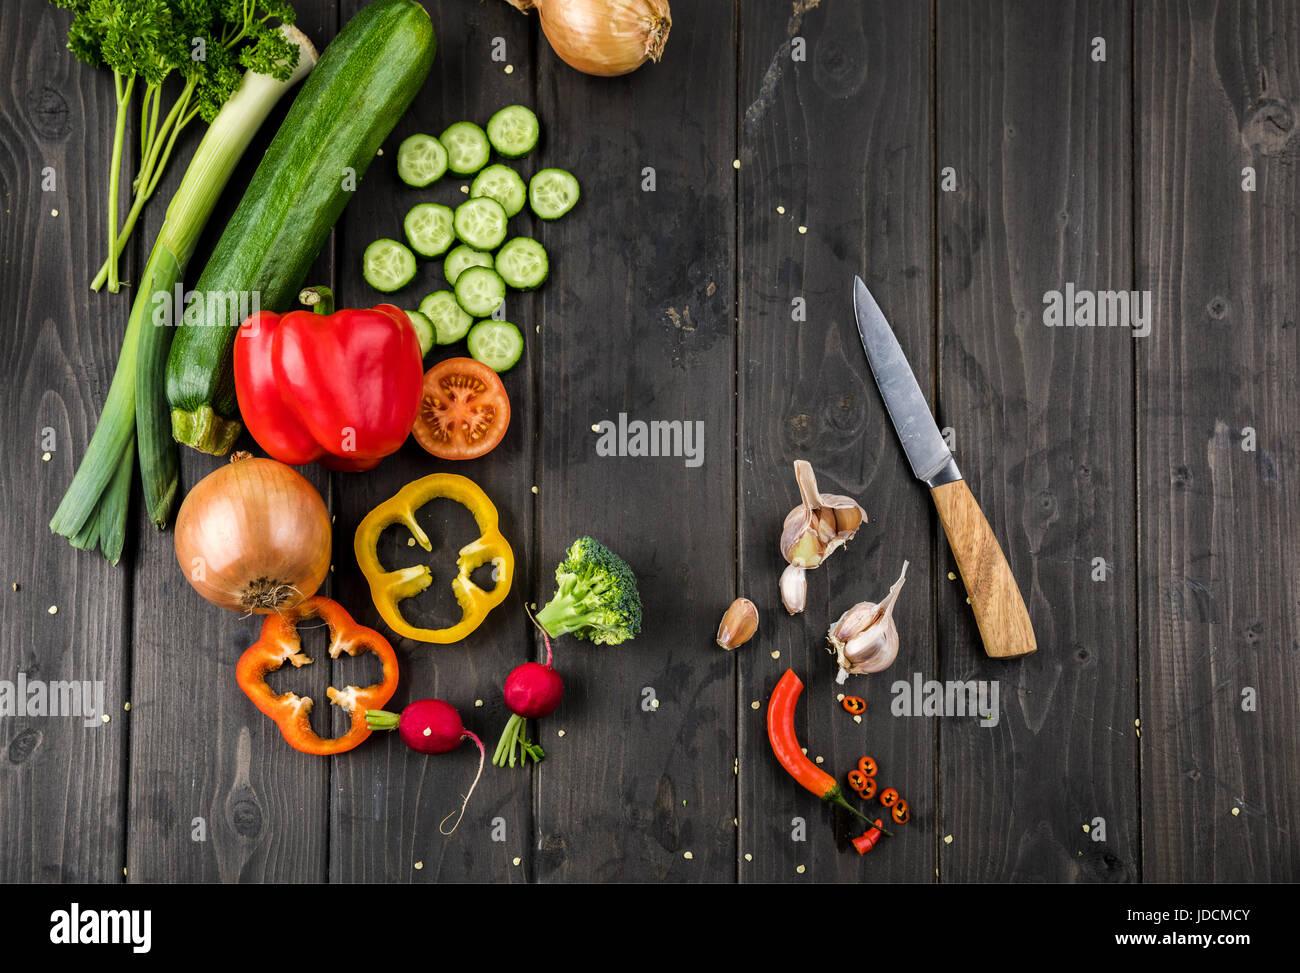 Vue de dessus de légumes frais de saison et le couteau sur fond de table en bois Photo Stock